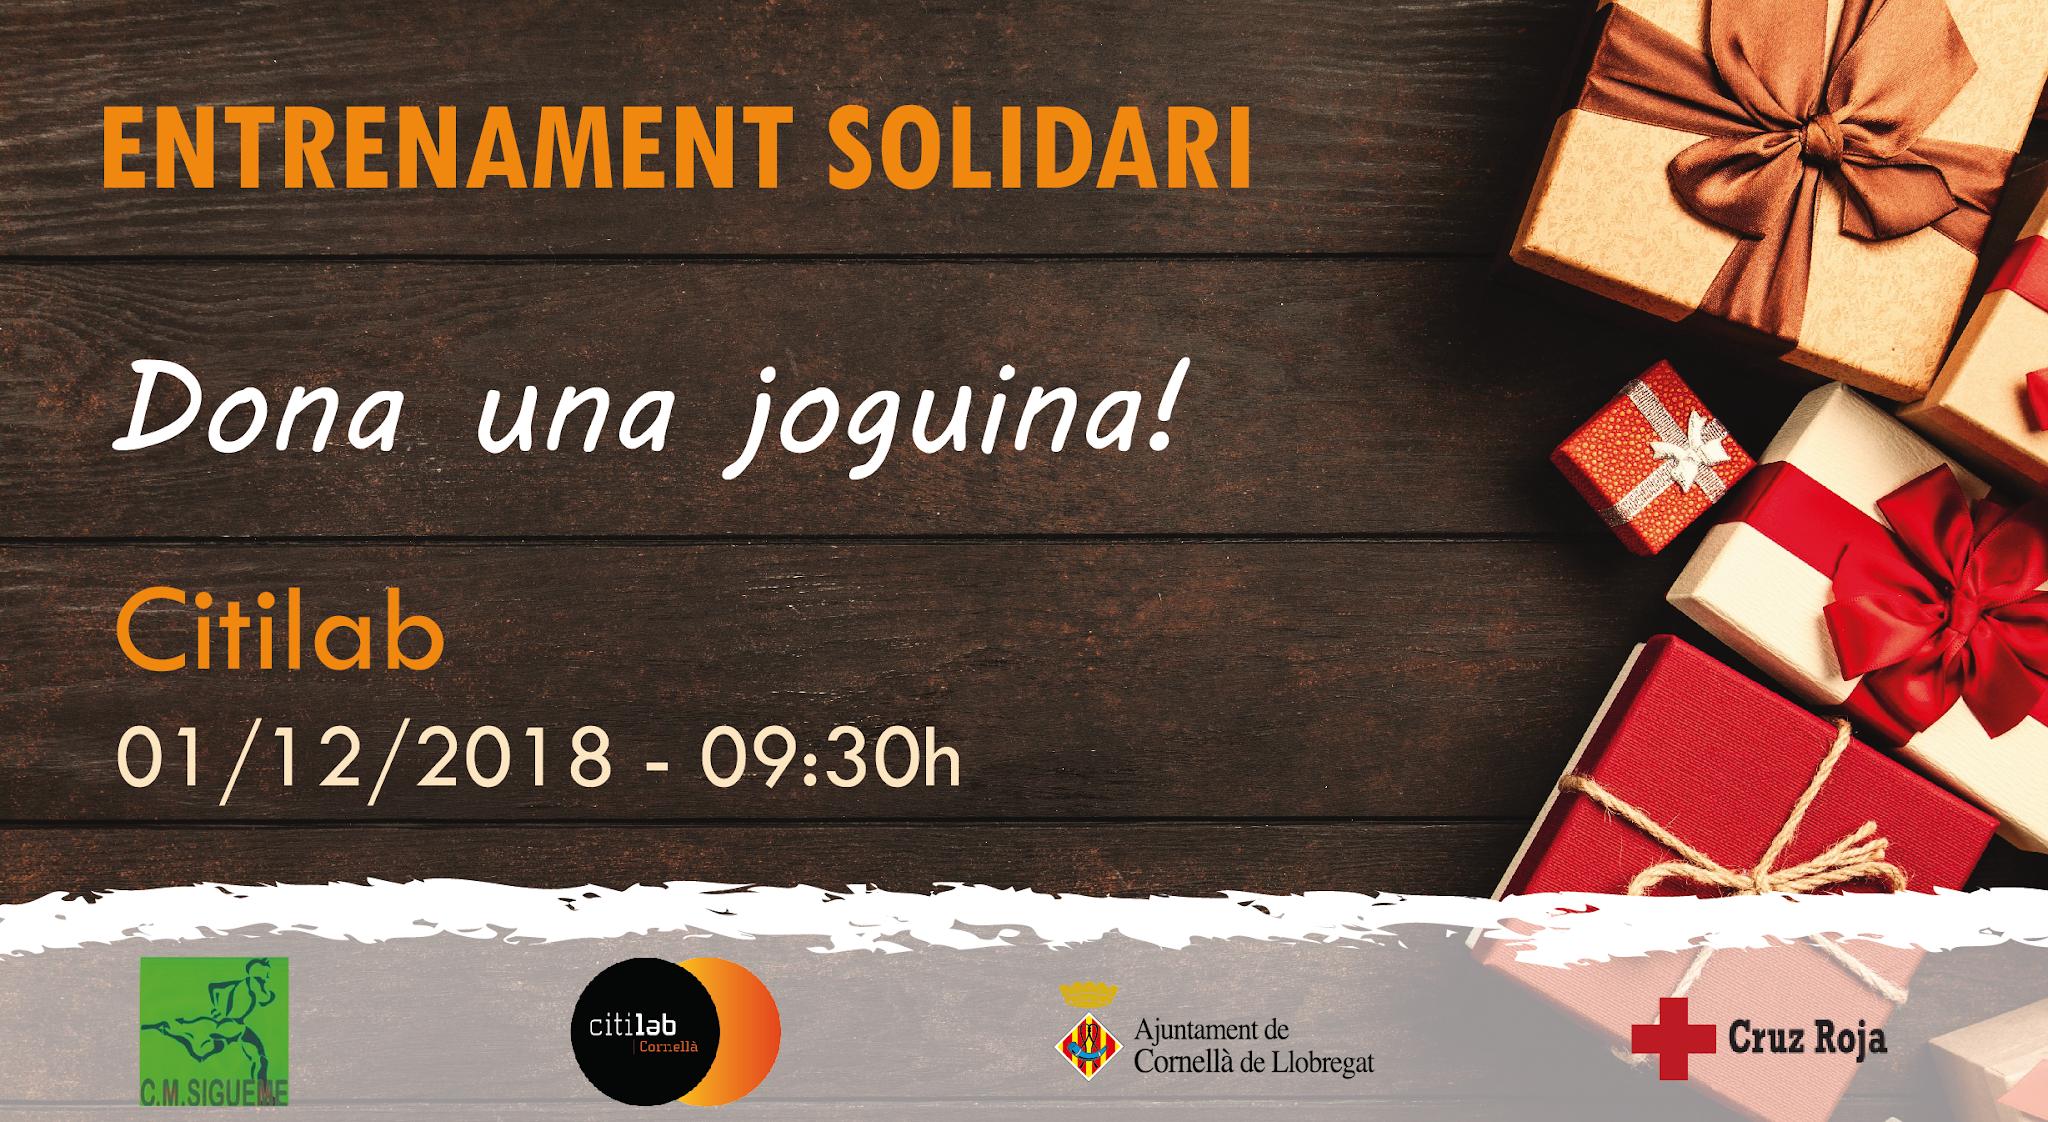 Entrenament Solidari Al Citilab: Cap Infant Sense Joguina Aquest Nadal!